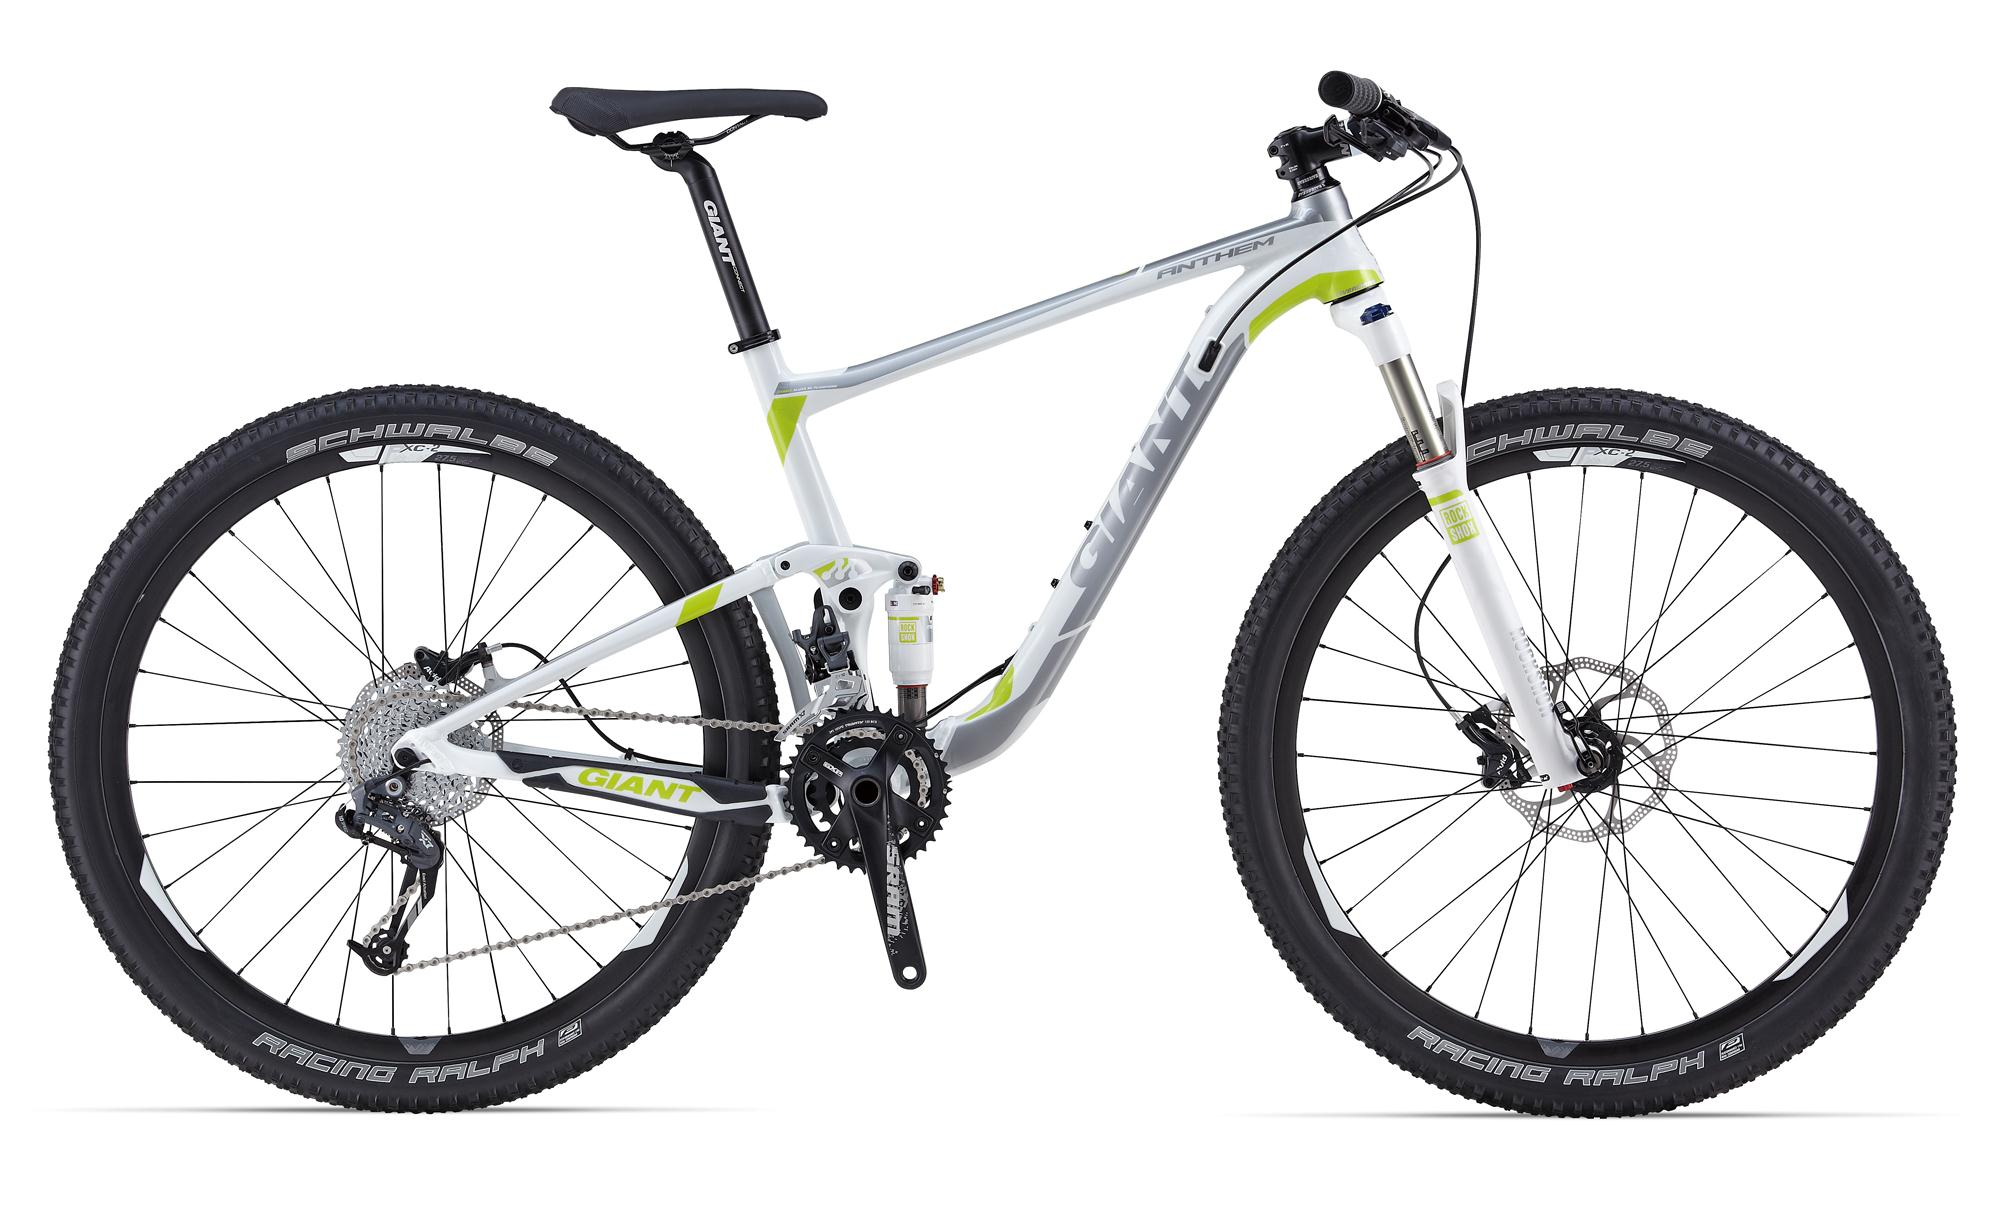 Велосипед двухподвес Giant Anthem 27.5 2 (2014), Цвет Бело-Серебристый, Размер 22